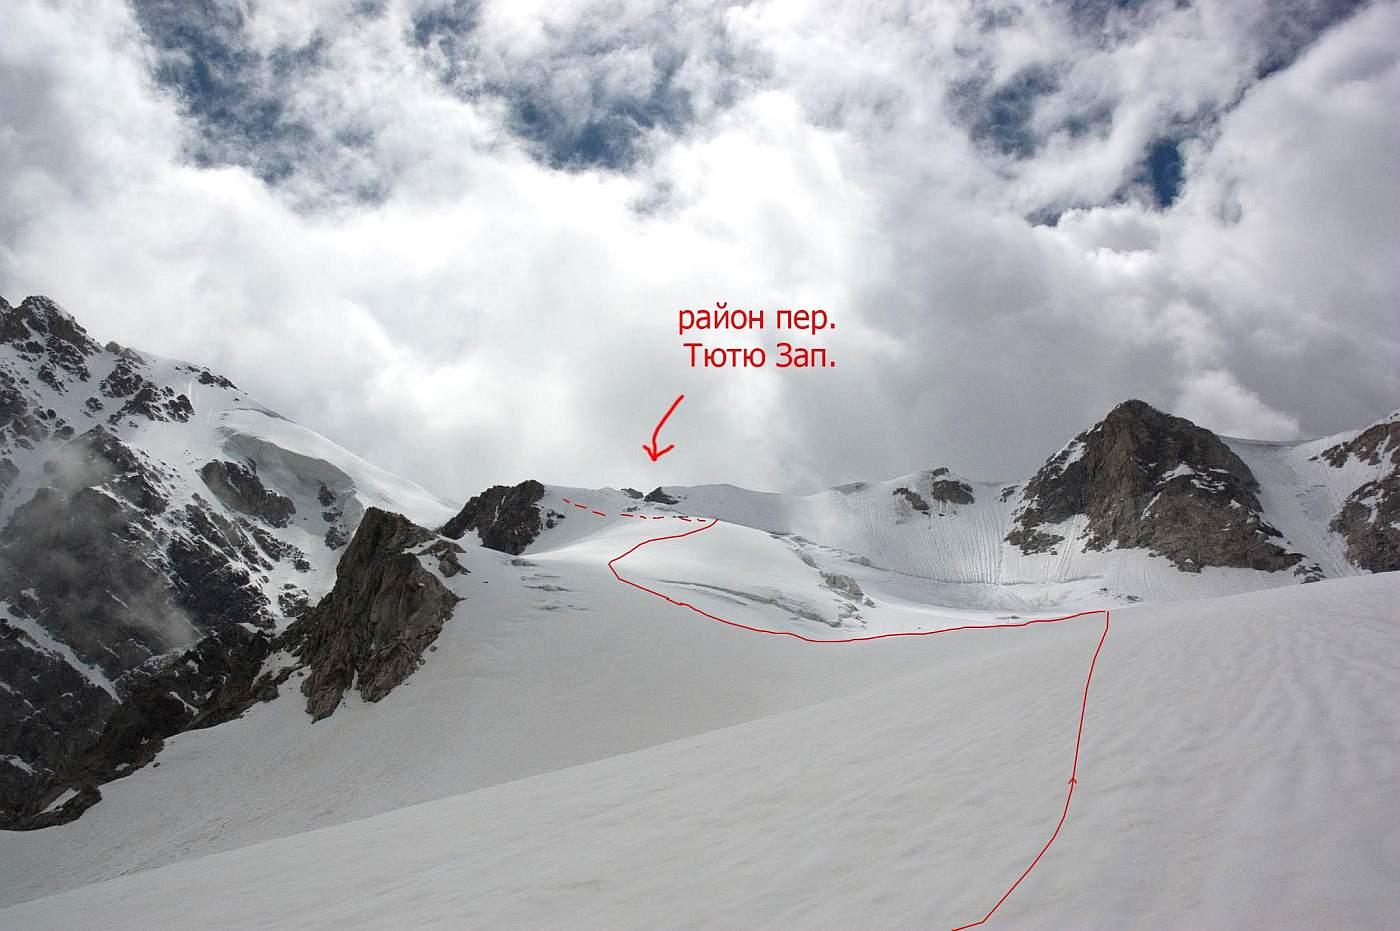 фото_085_день_8_ледник Тютю Зап. Подход к перевалу.jpg